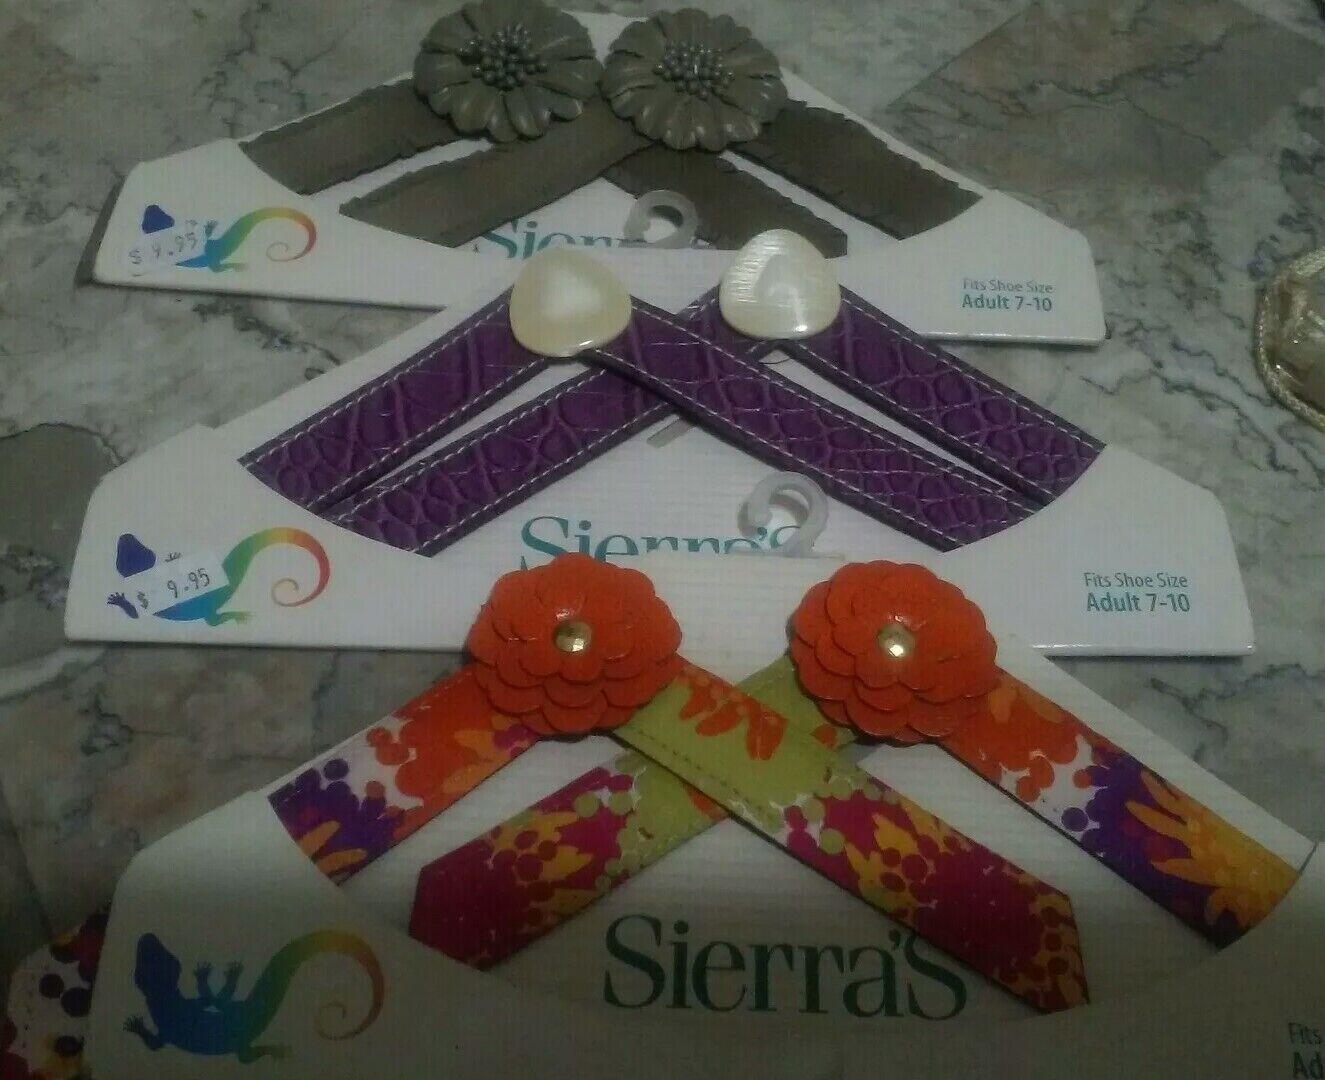 Sierras Flexibly fun footwear straps lot of 3 adult 7- 10. New